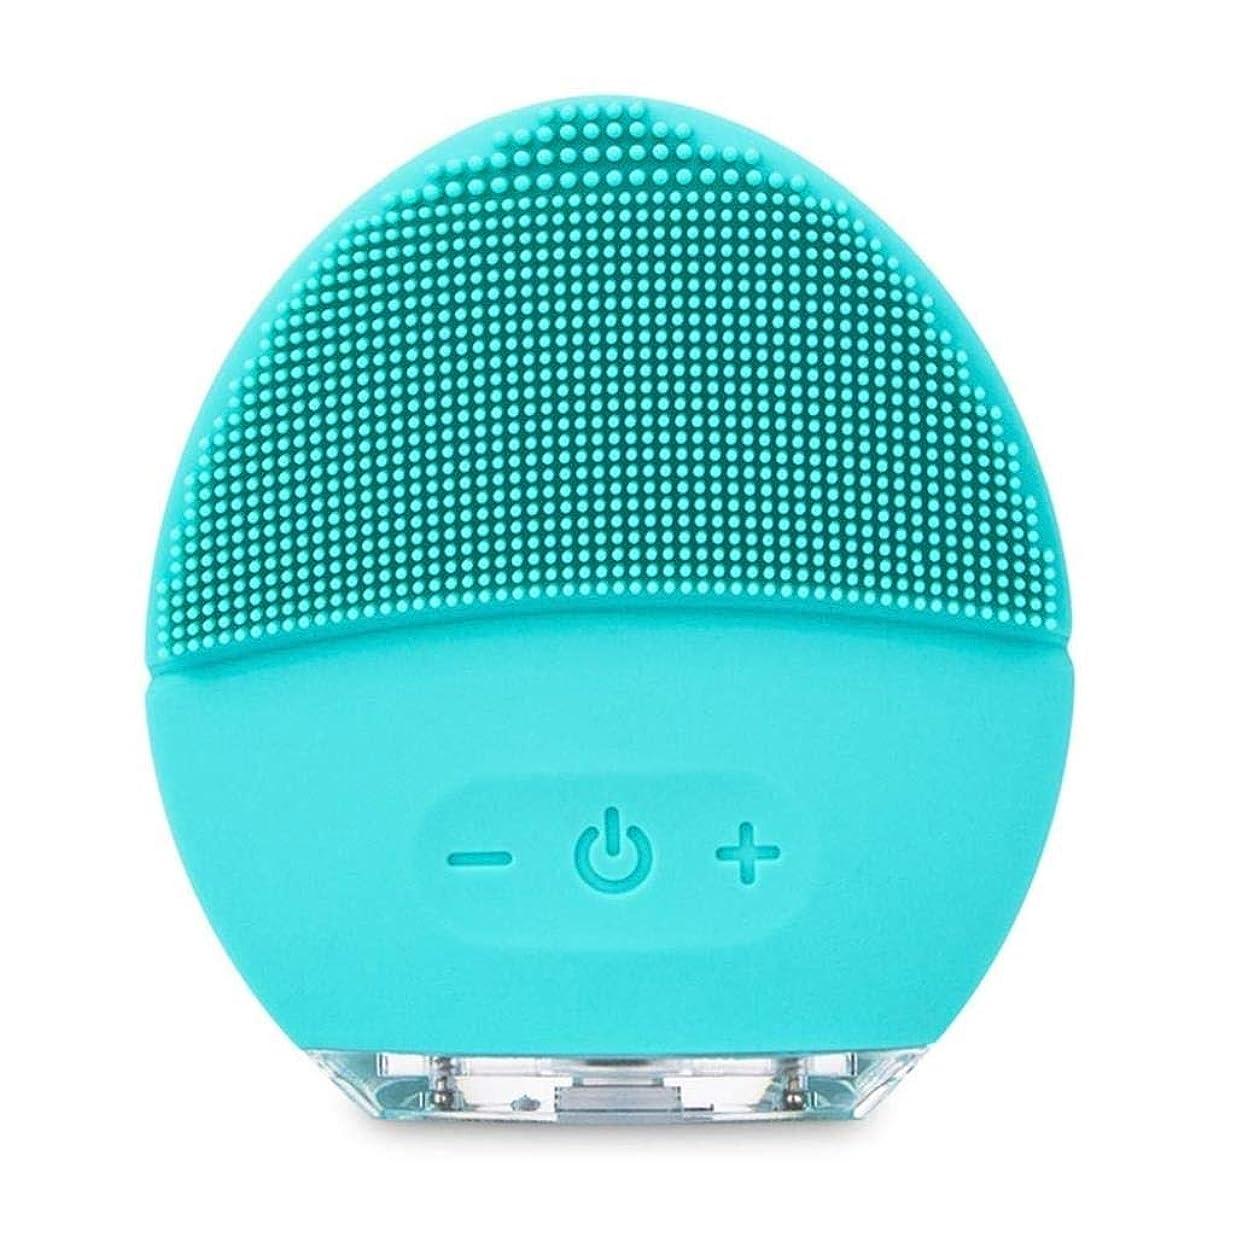 リンケージレジ輝くフェイシャルクリーニングブラシ、充電式防水アンチエイジングスキンクリーナー、フェイシャルマッサージ、電気シリコーンディープエクスフォリエーションメイクアップツール、あらゆる肌タイプに対応 (Color : Blue)